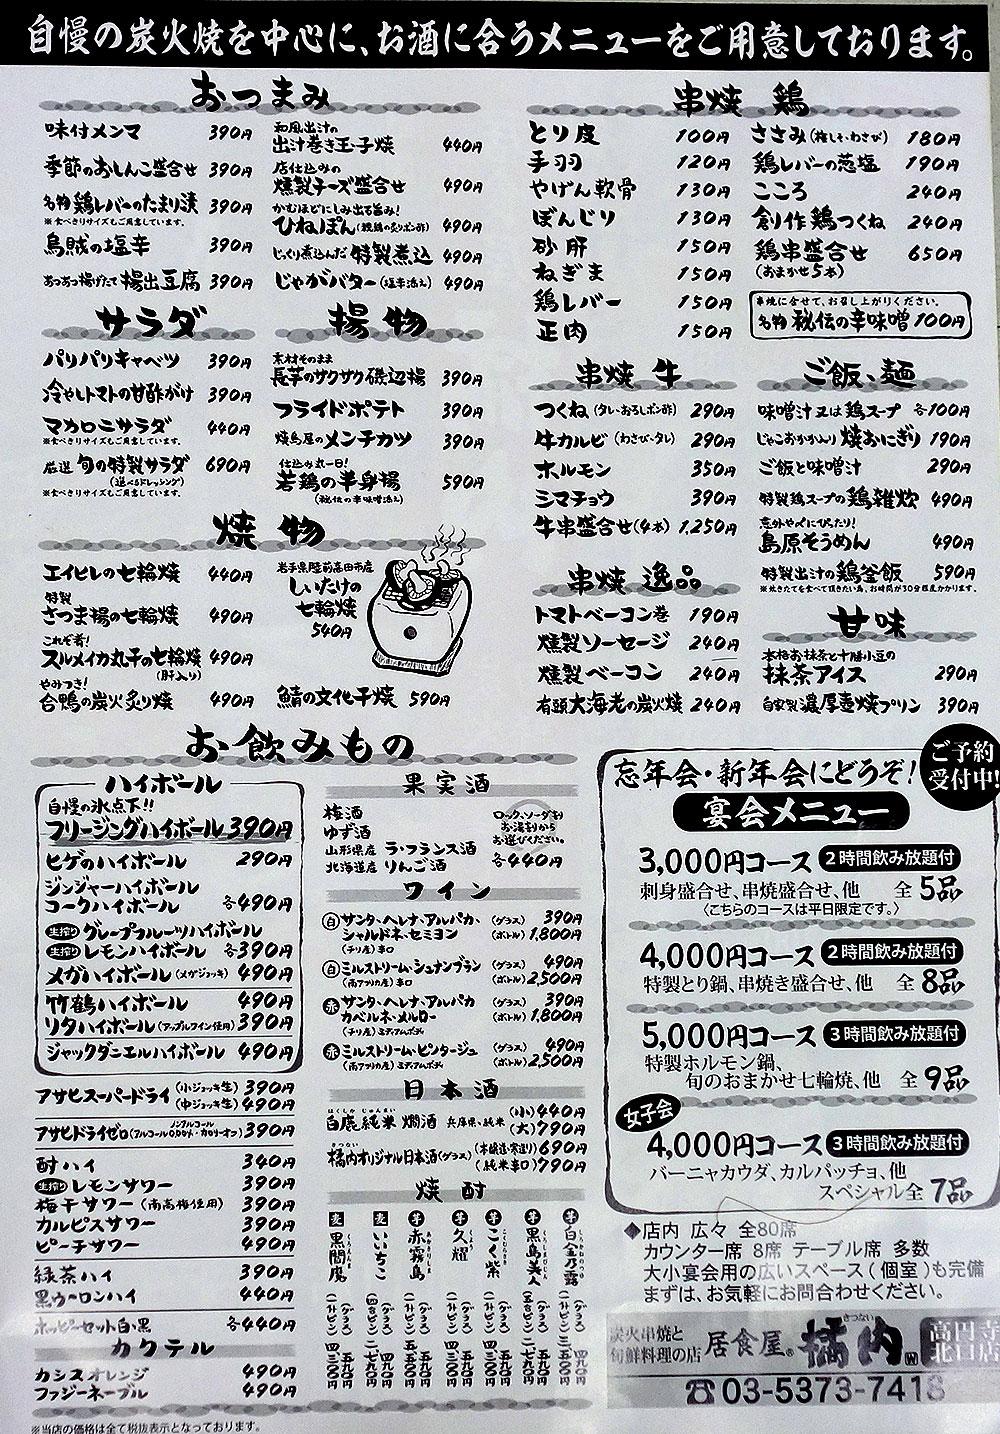 居酒屋橘内1周年キャンペーン中♪